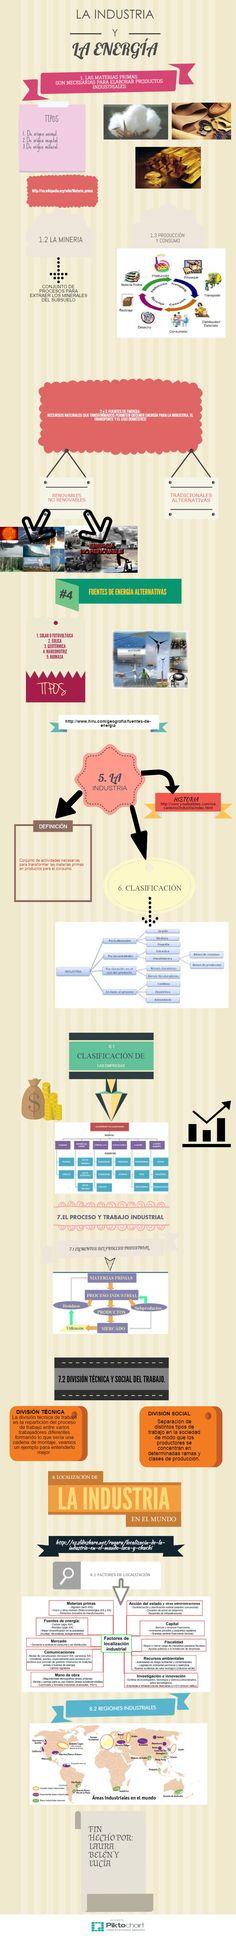 La industria y la energía. Infografía creada en 3º ESO. IES Antonio Calvín